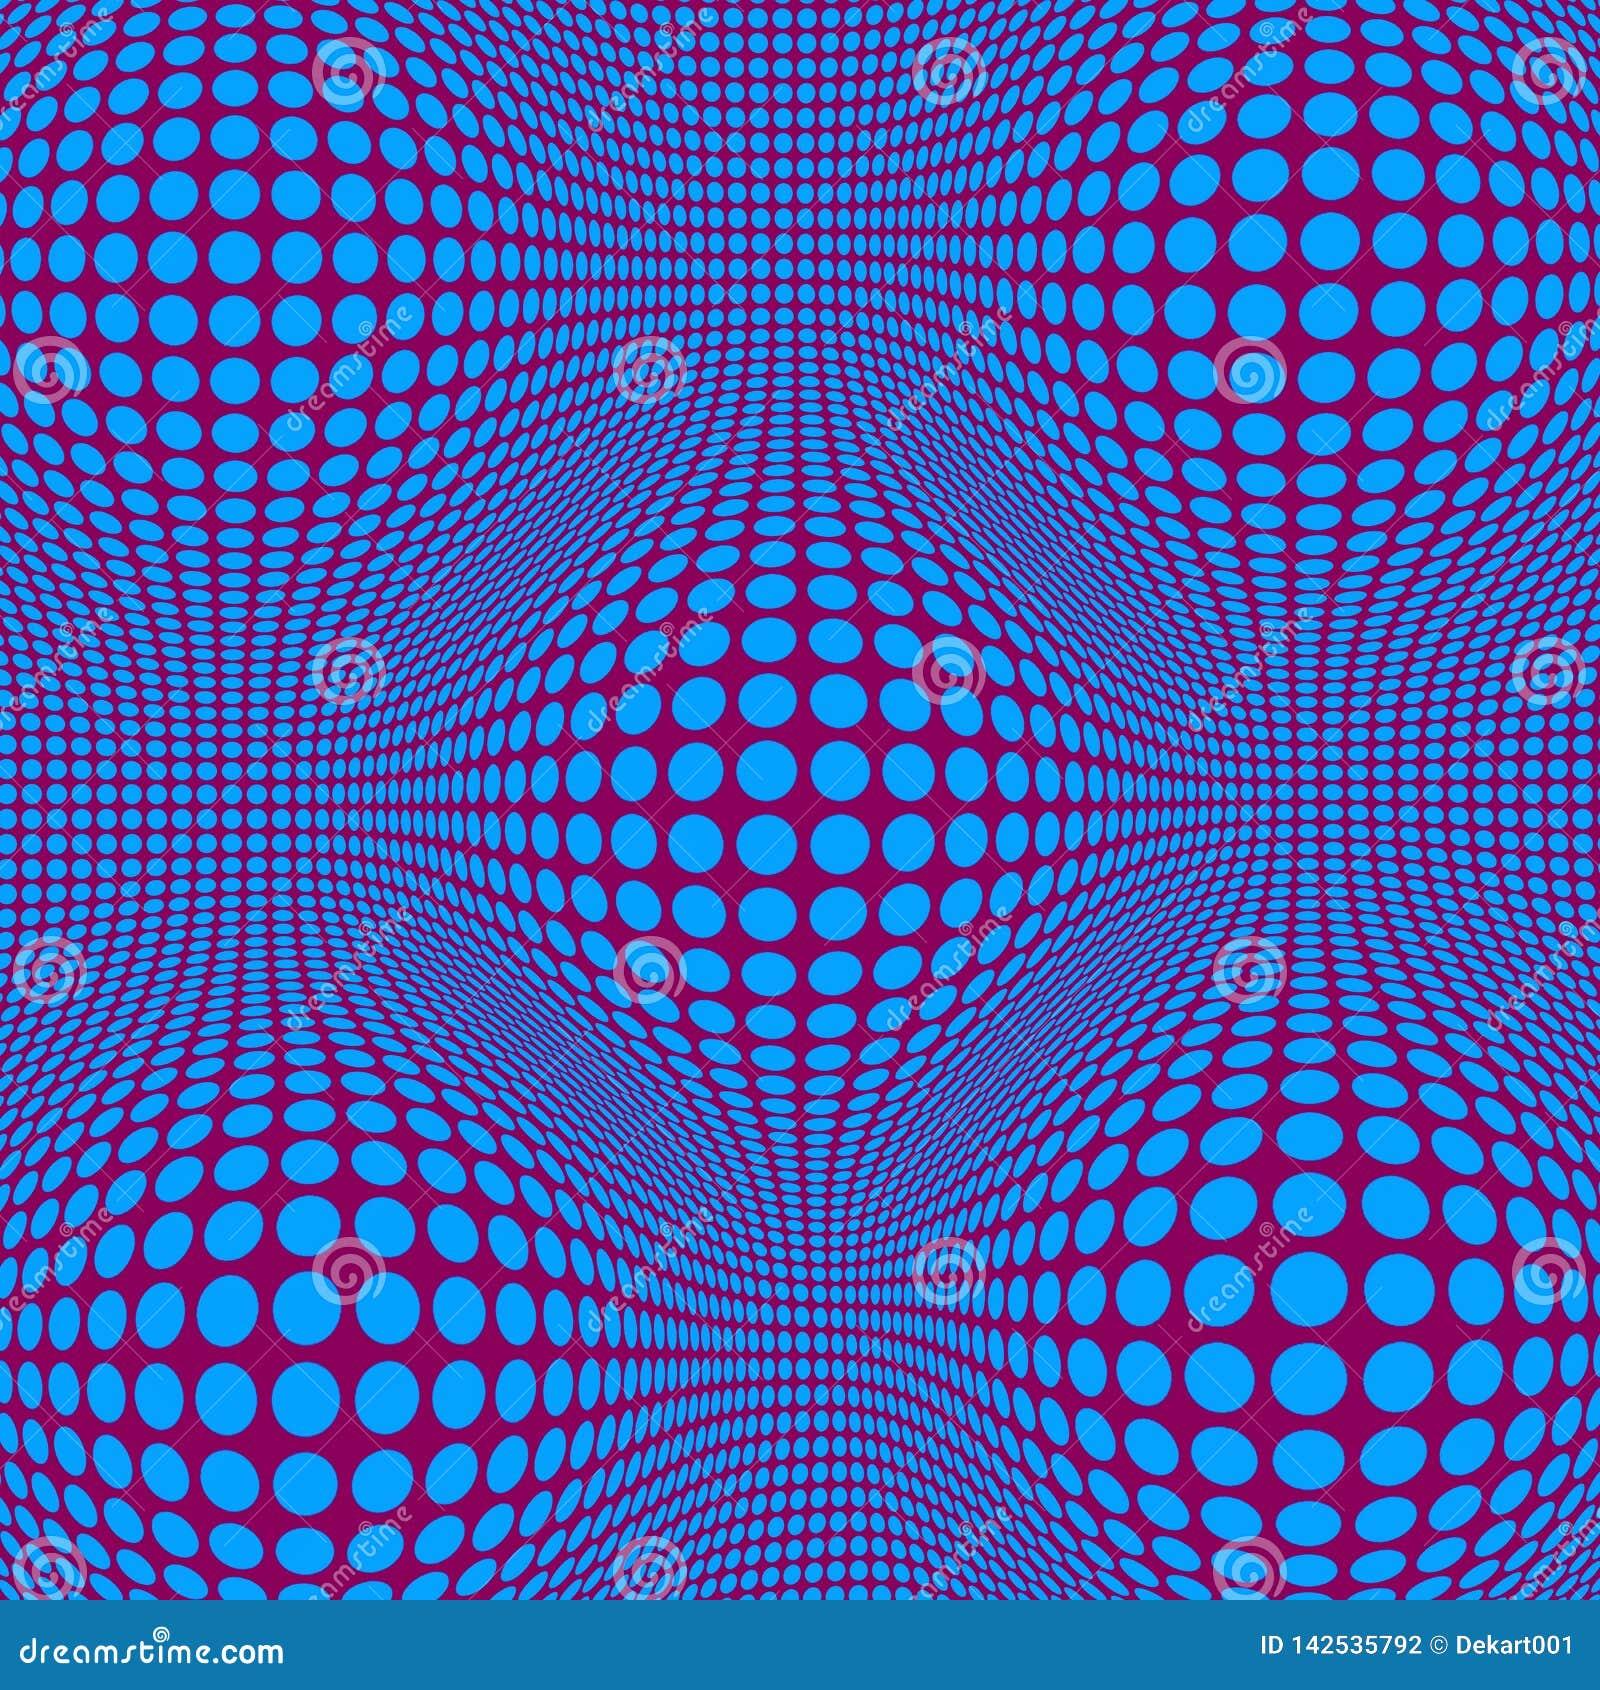 与蓝色小点的抽象错觉欧普艺术